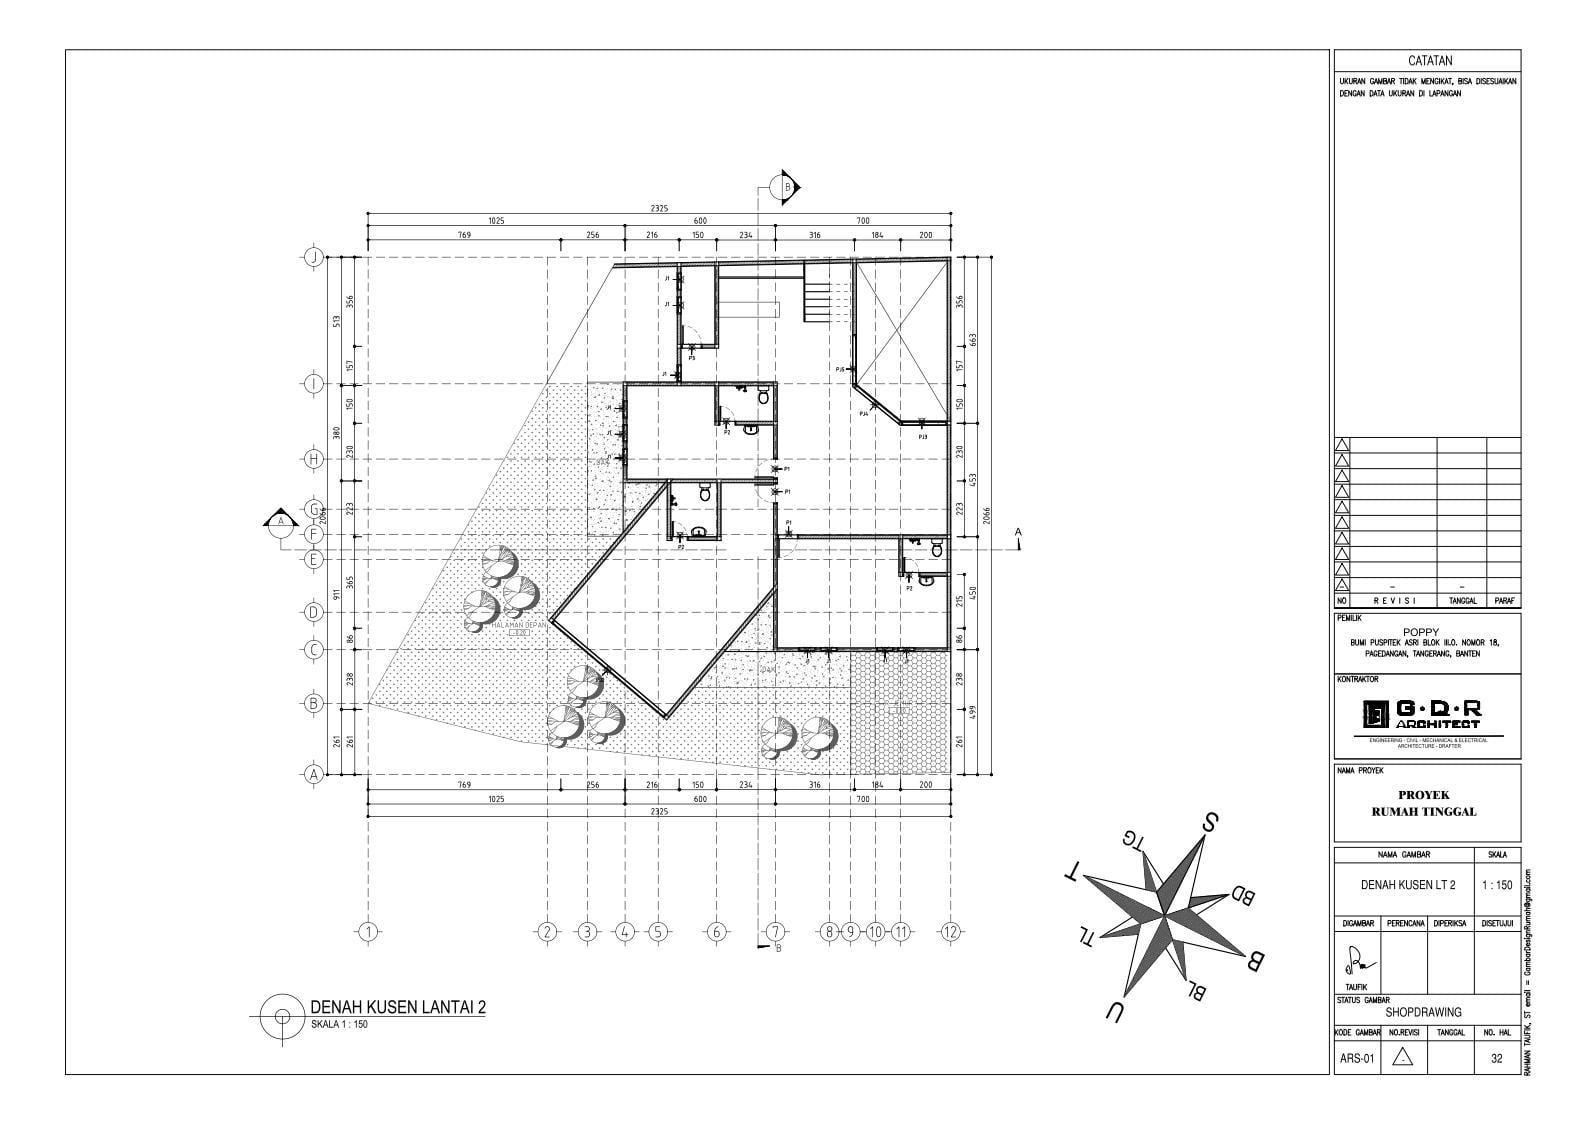 Jasa Desain Rumah Contoh Paket Gambar Kerja 32 DENAH KUSEN LANTAI 2